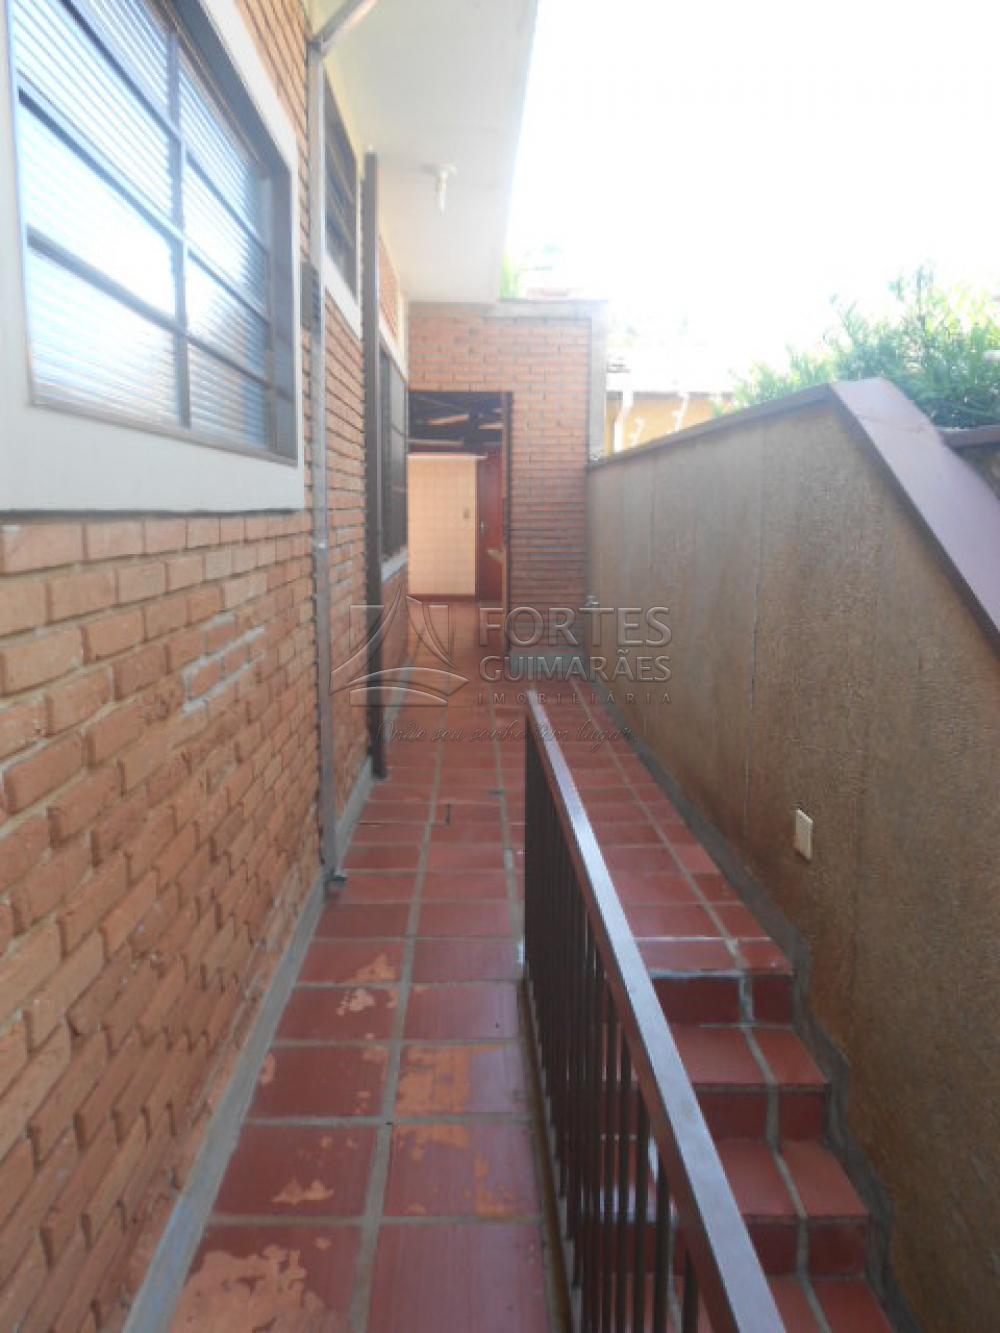 Alugar Casas / Padrão em Ribeirão Preto apenas R$ 2.500,00 - Foto 68